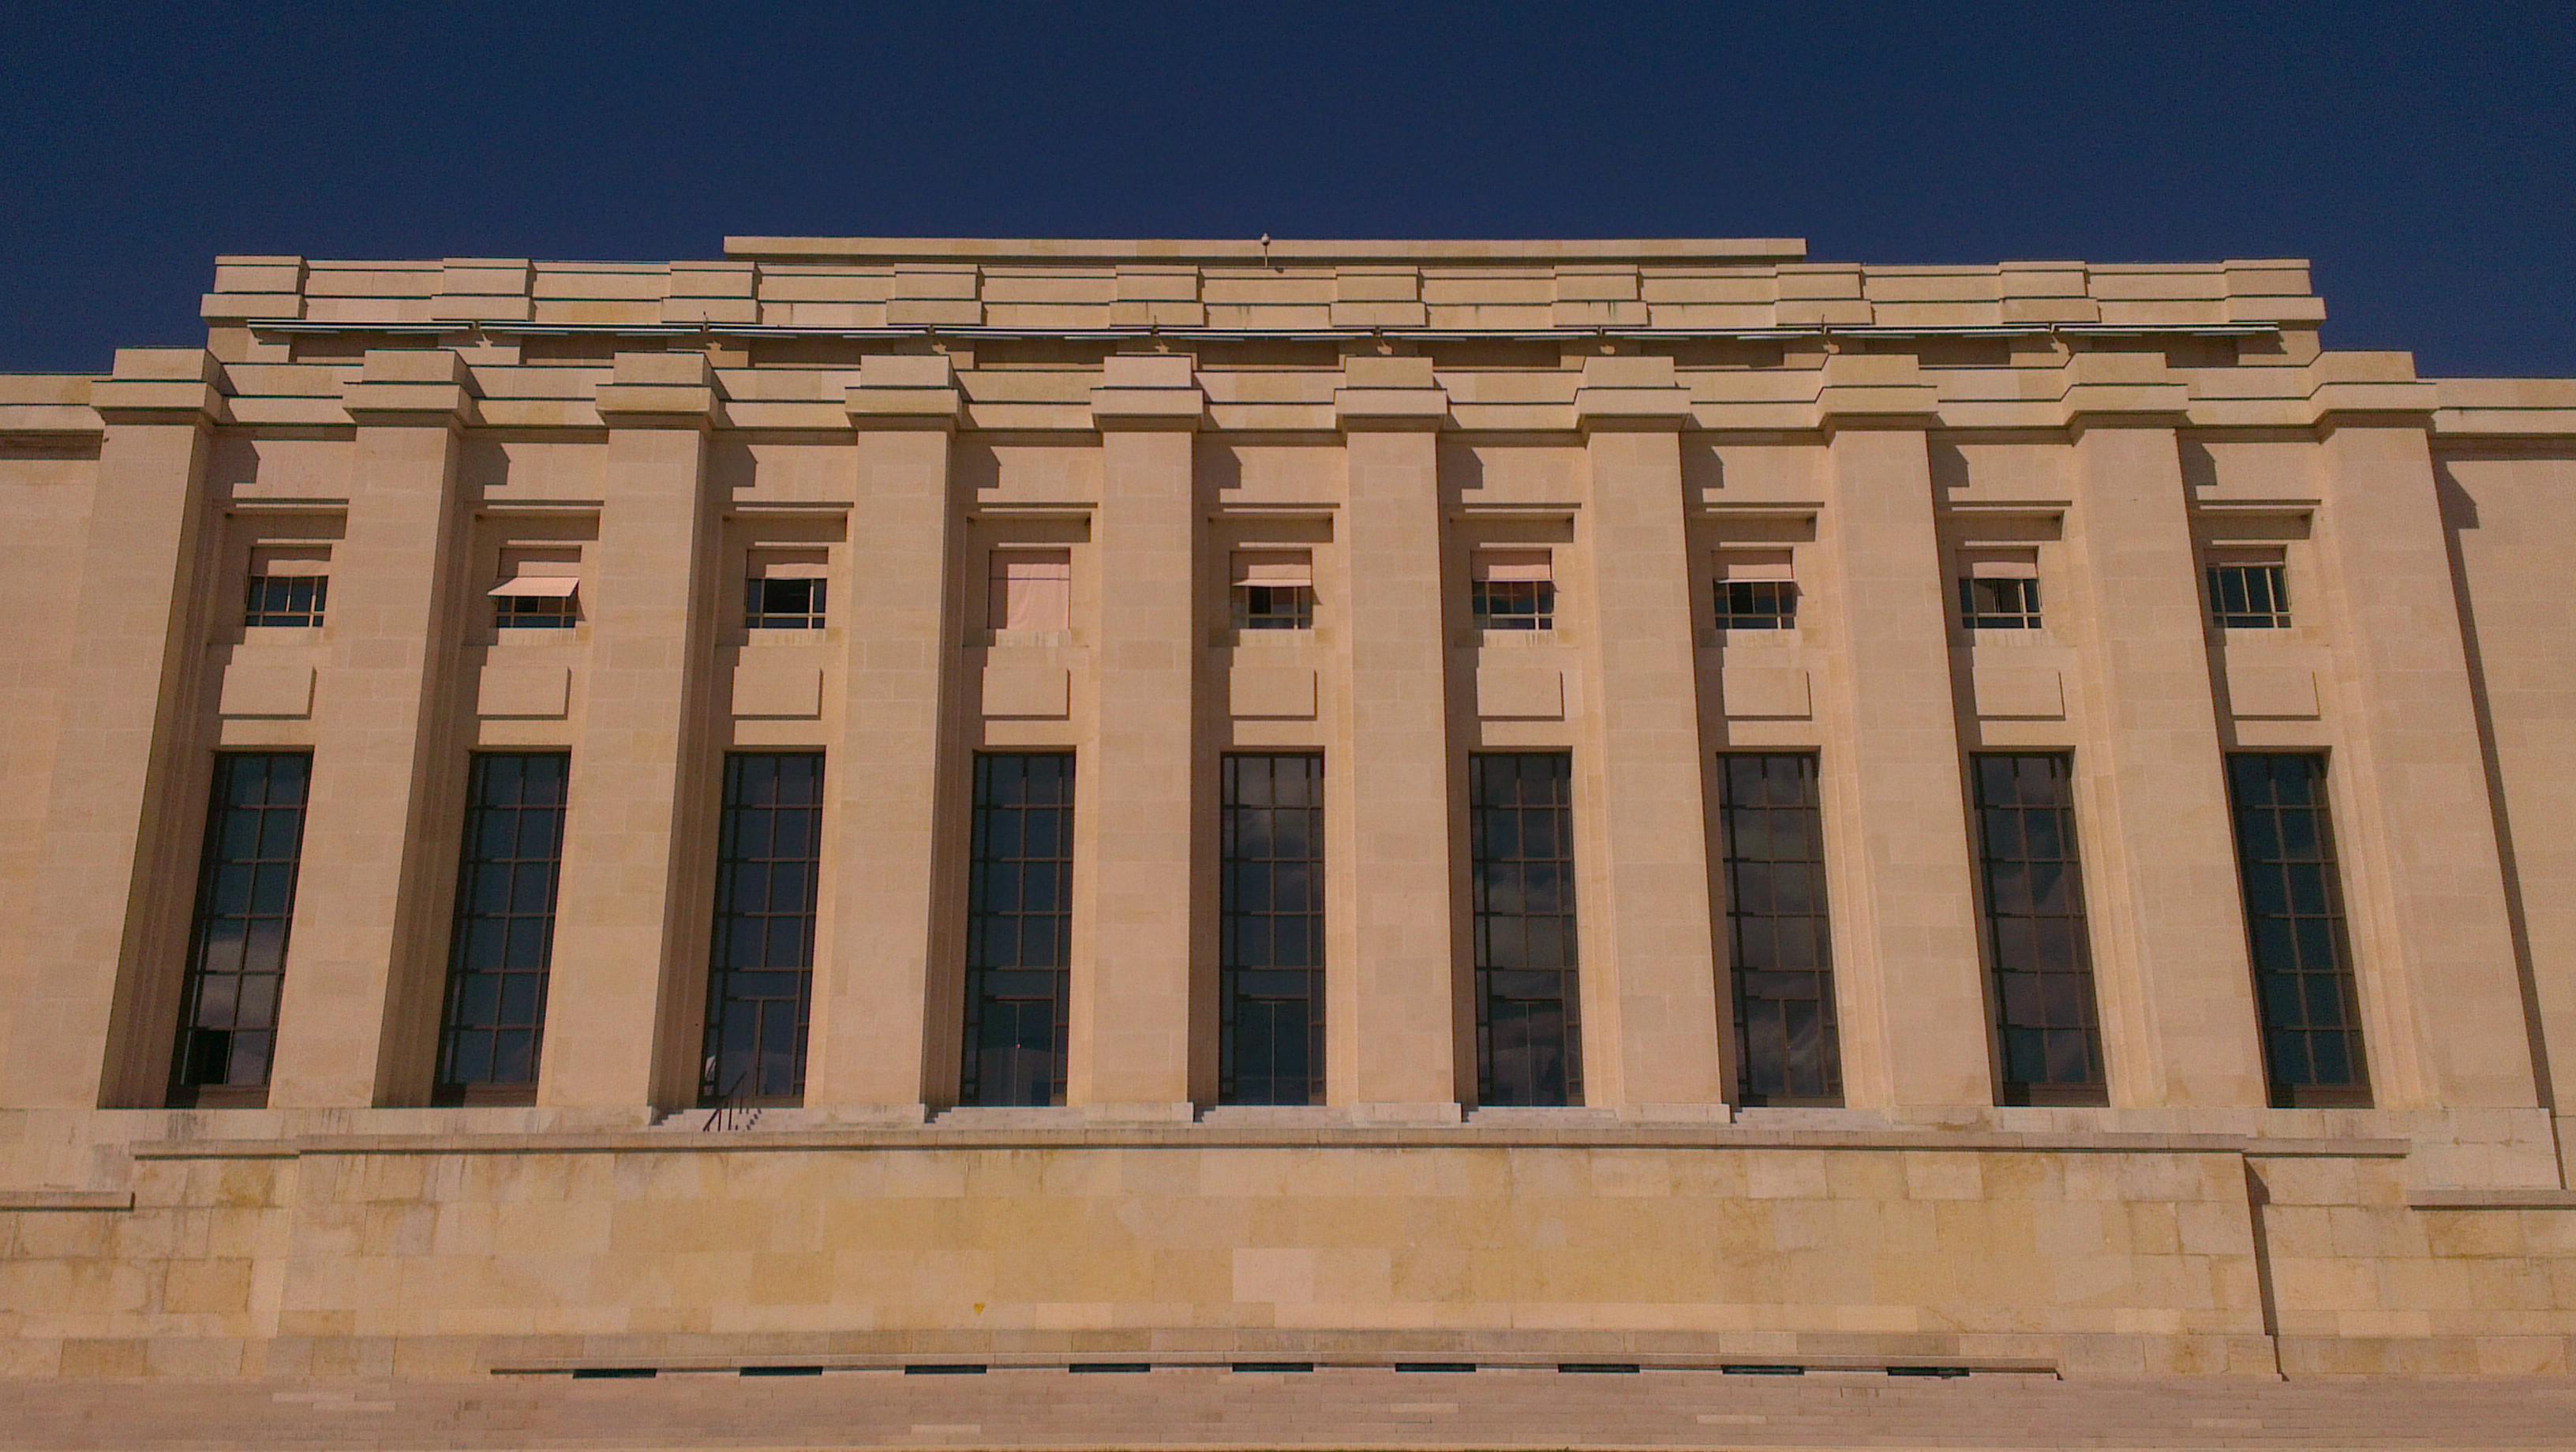 Chaque année, le quartier général genevois des Nations unies accueille environ 8 000 réunions dont près de 600 grandes conférences. Quelques secteurs du palais sont accessibles aux visiteurs qui sont au nombre d'environ 100 000 par an. Le palais abrite également des bureaux de divers organismes CNUCED, AIEA, FAO, ONUD, UNESCO UNICEF, WTO à son siège à Genève) :